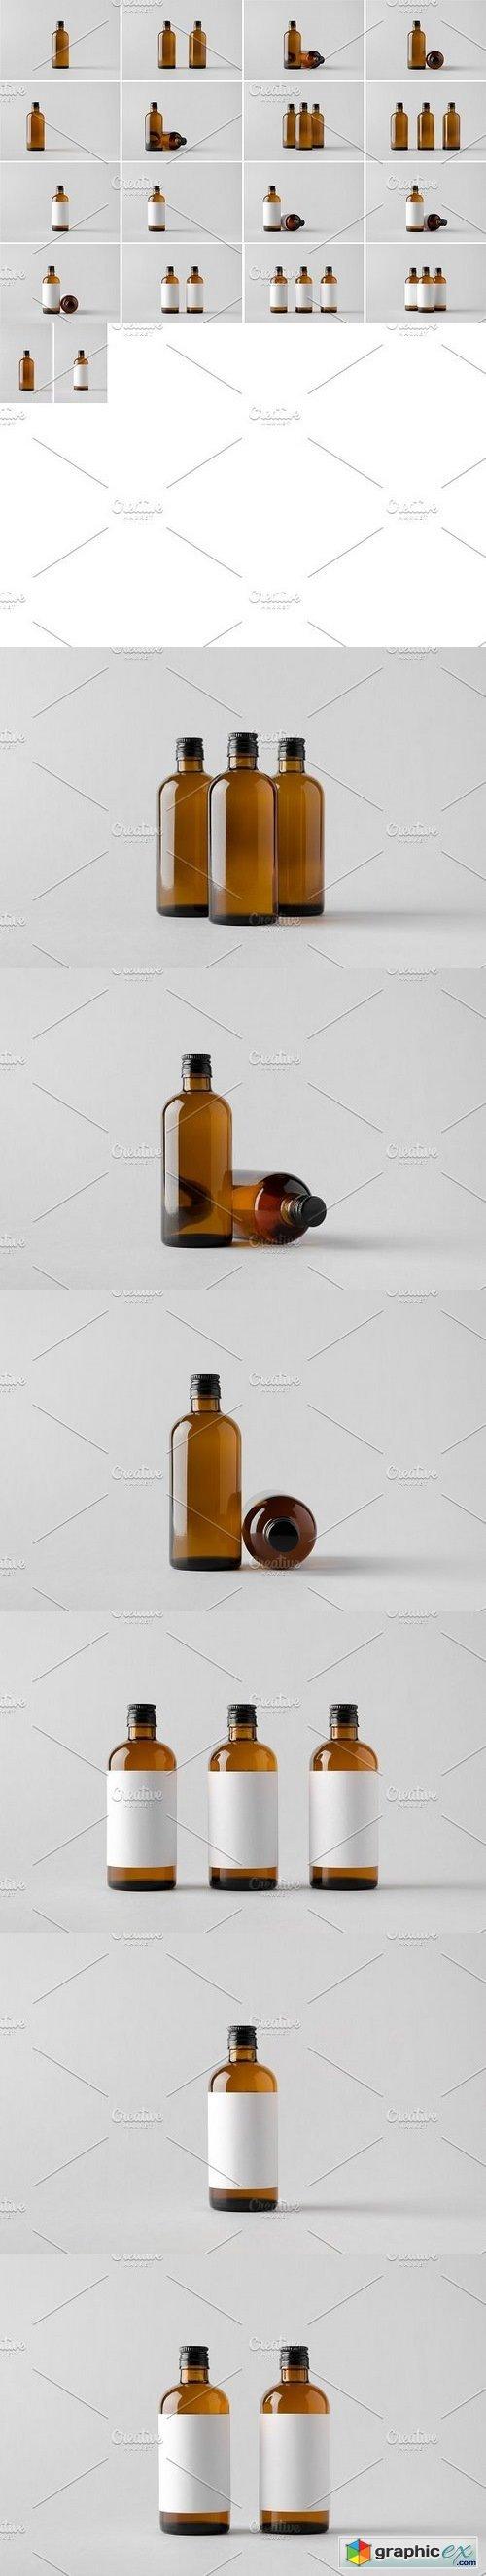 Medicine Bottle Mock-Up Photo Bundle